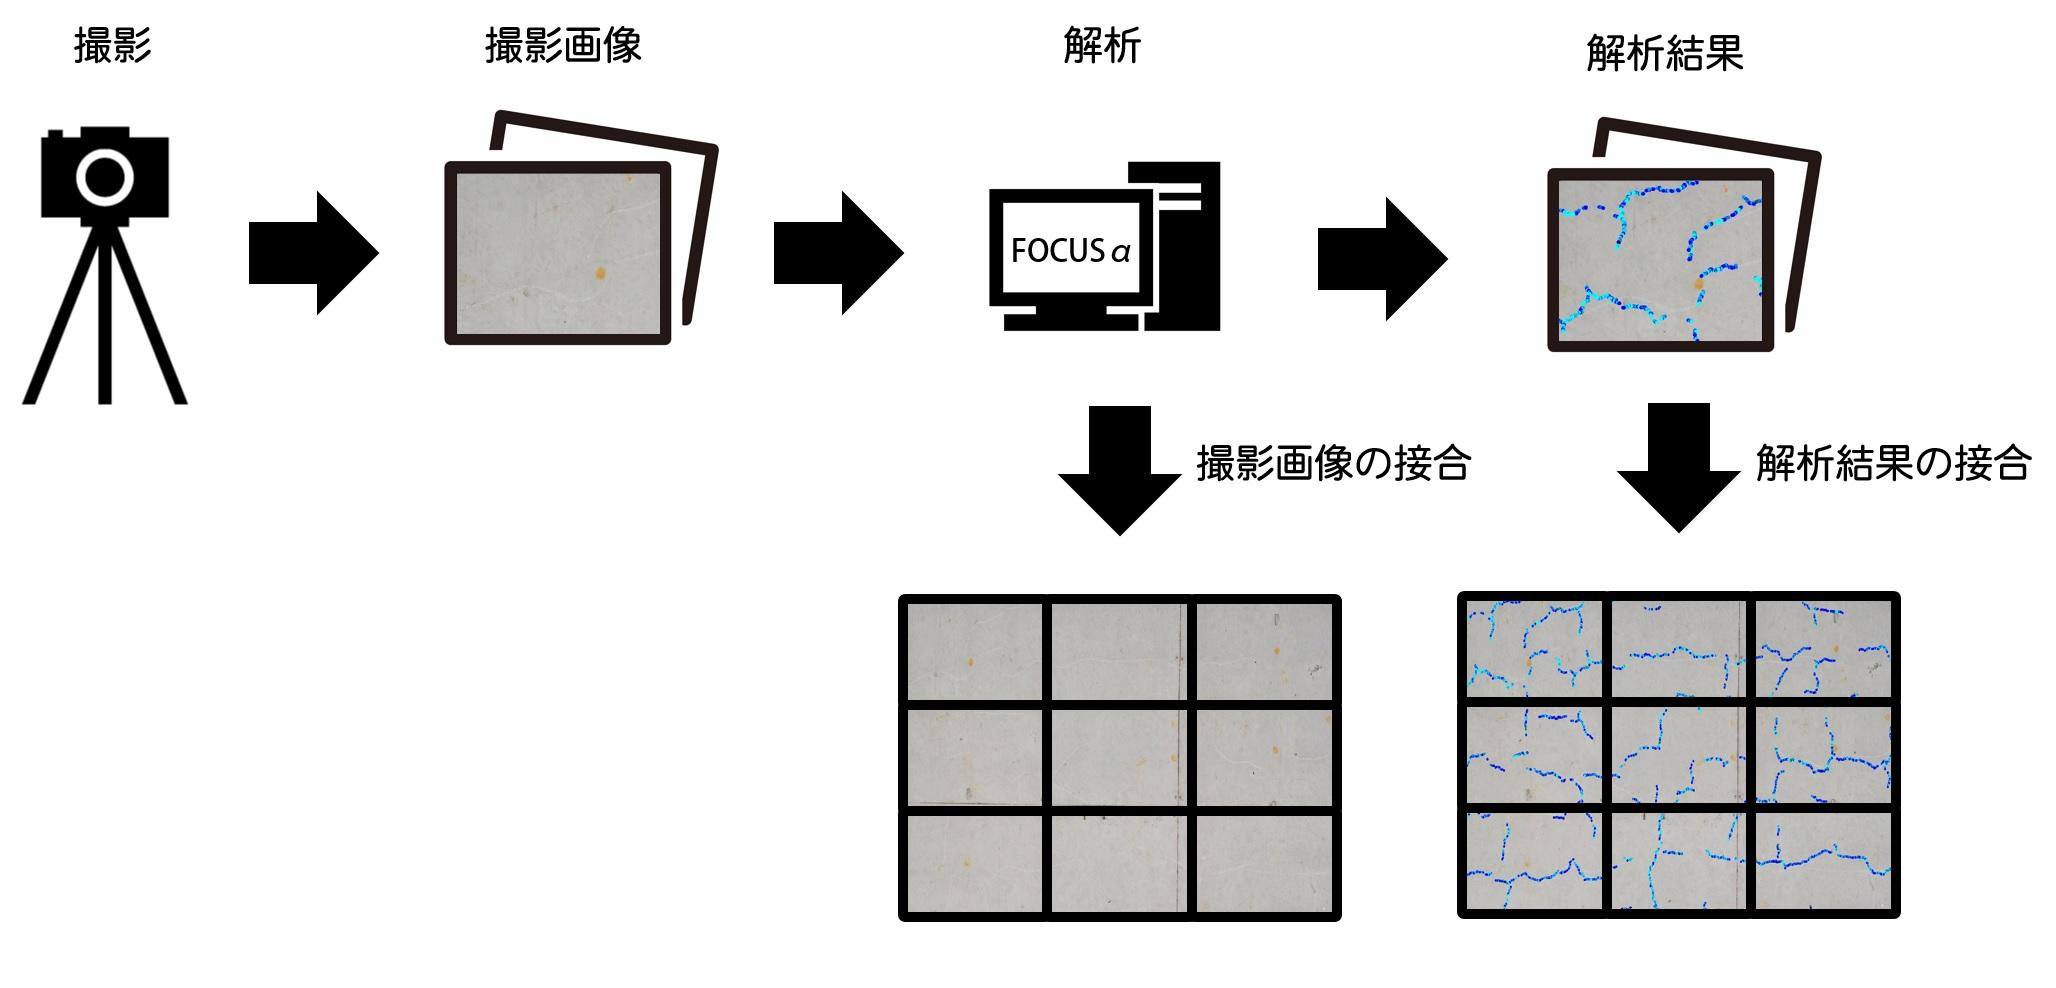 クラック自動抽出システム